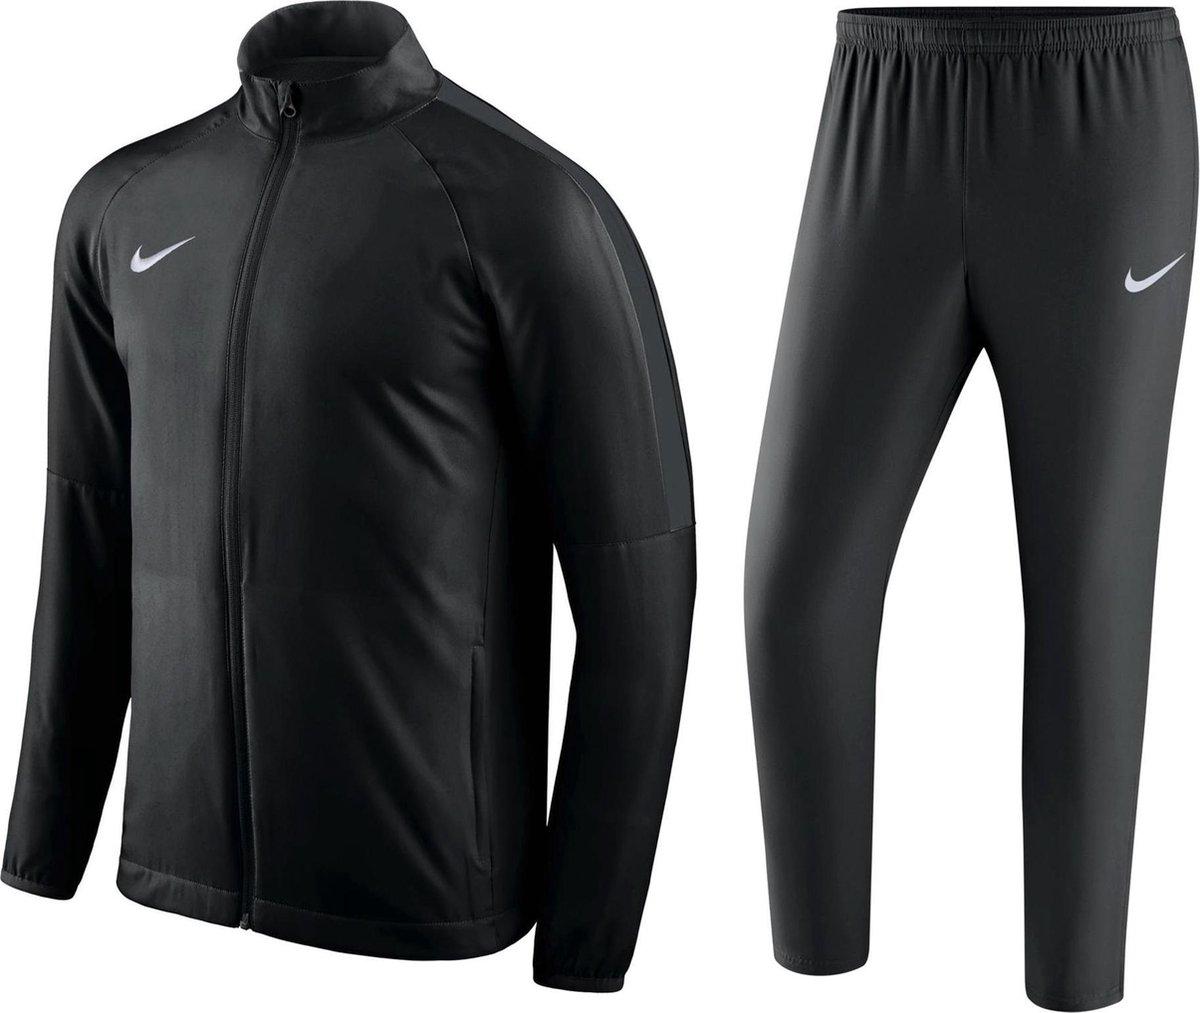 Nike Dry Academy18 Trk Suit W Trainingspak Heren – Zwart/Zwart/Anthracite/Wit